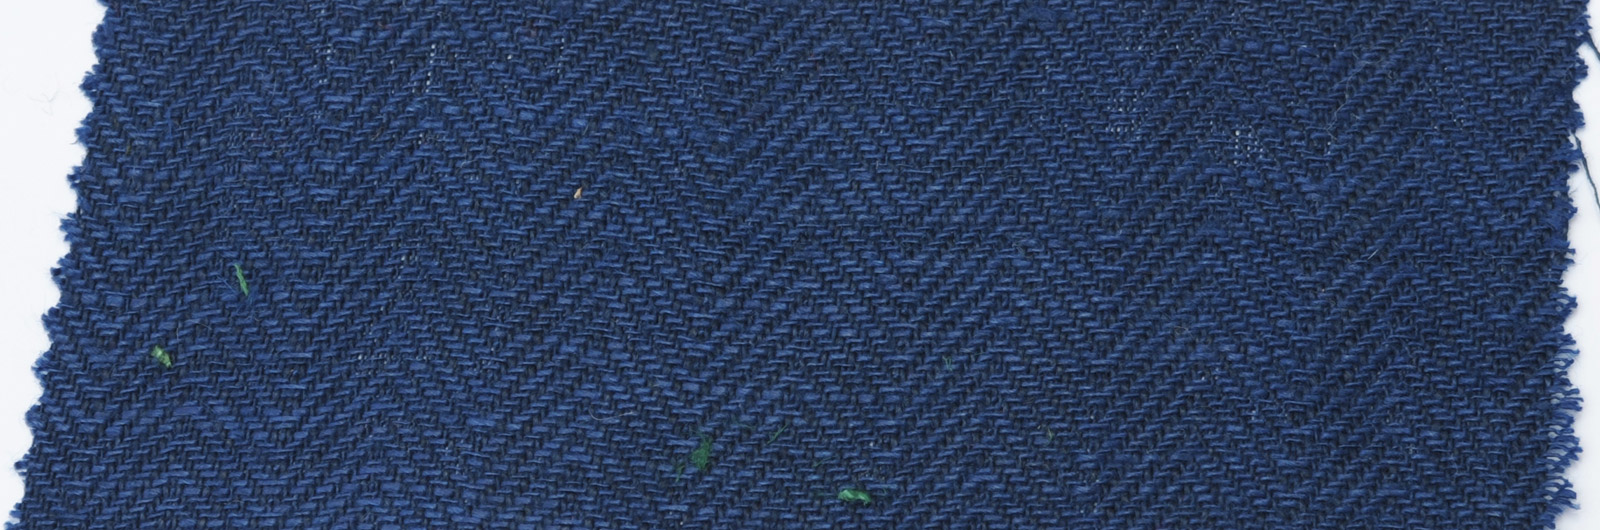 M-FG blau 100 % Leinen 150 cm - M-FG blue 100 % linen 150 cm